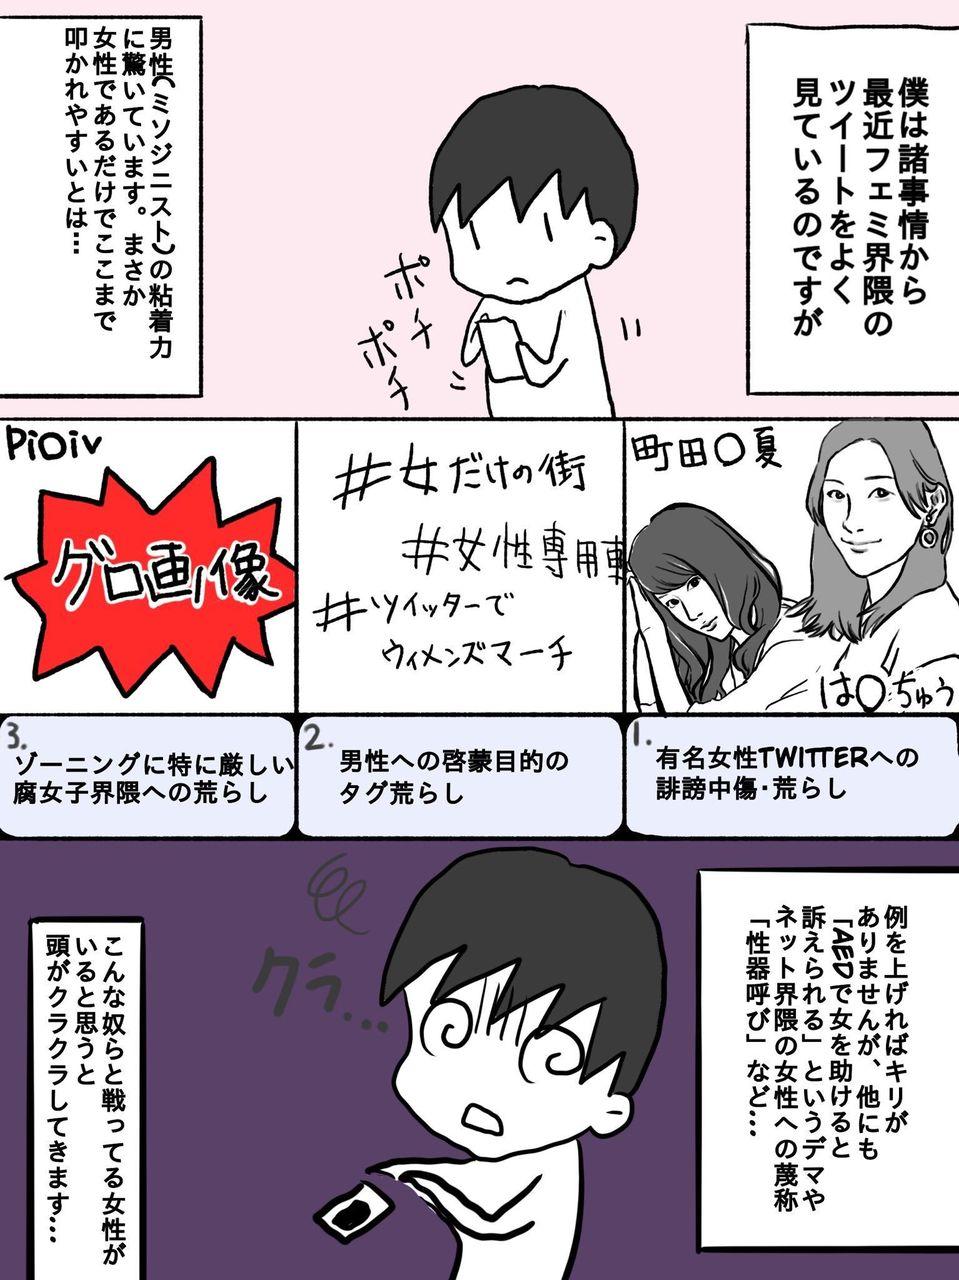 【速報】この漫画が共感できるとTwitterで話題に!